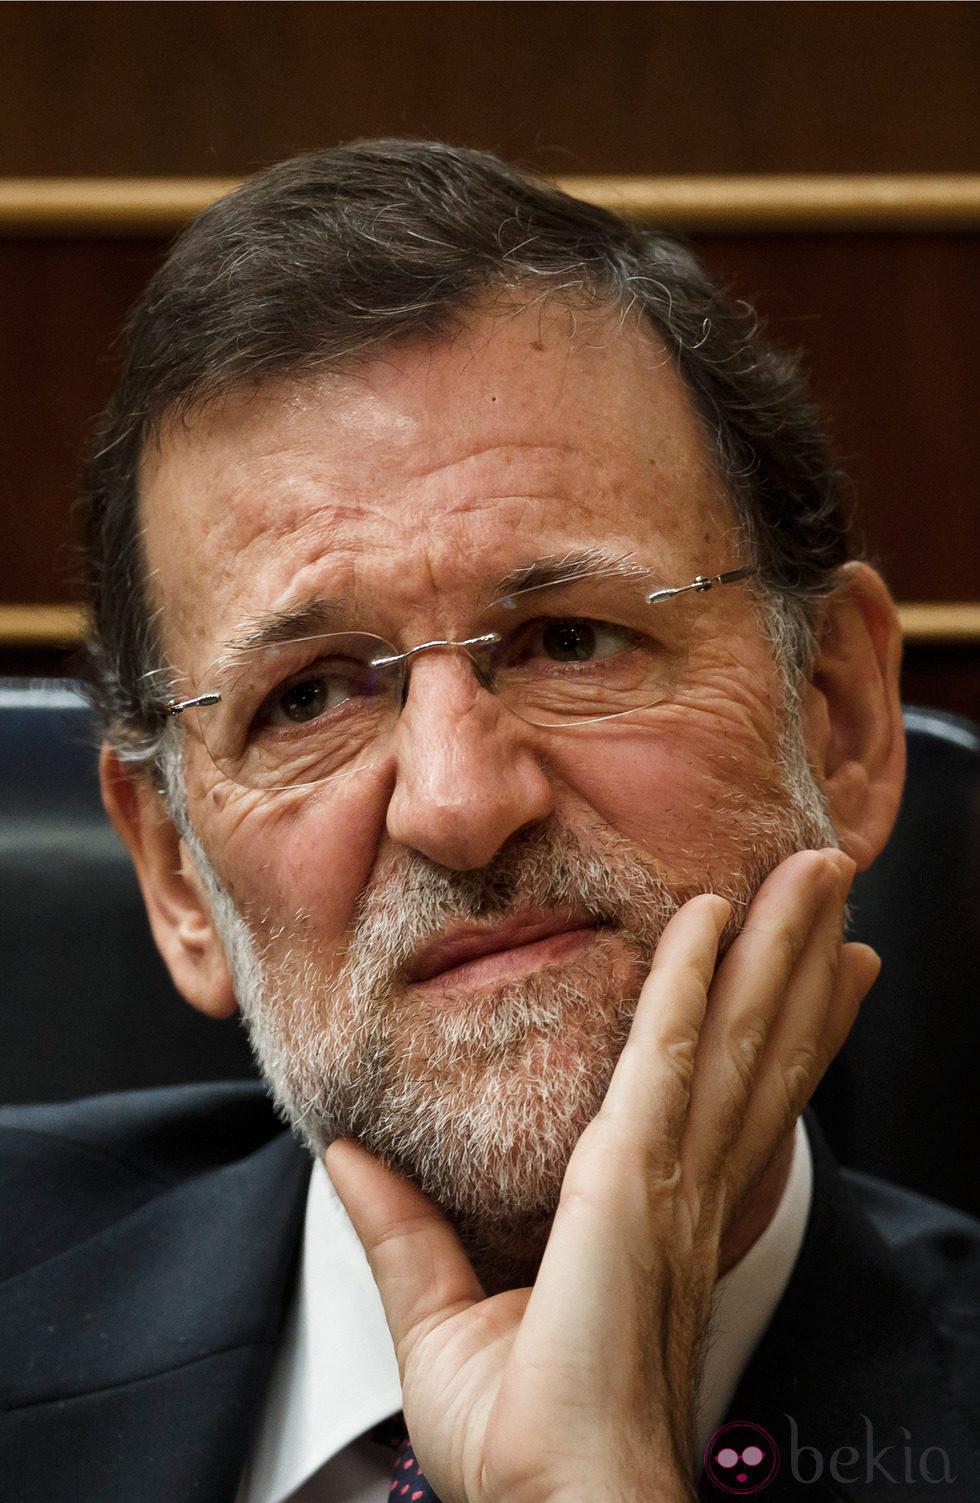 Mariano Rajoy con cara de preocupación